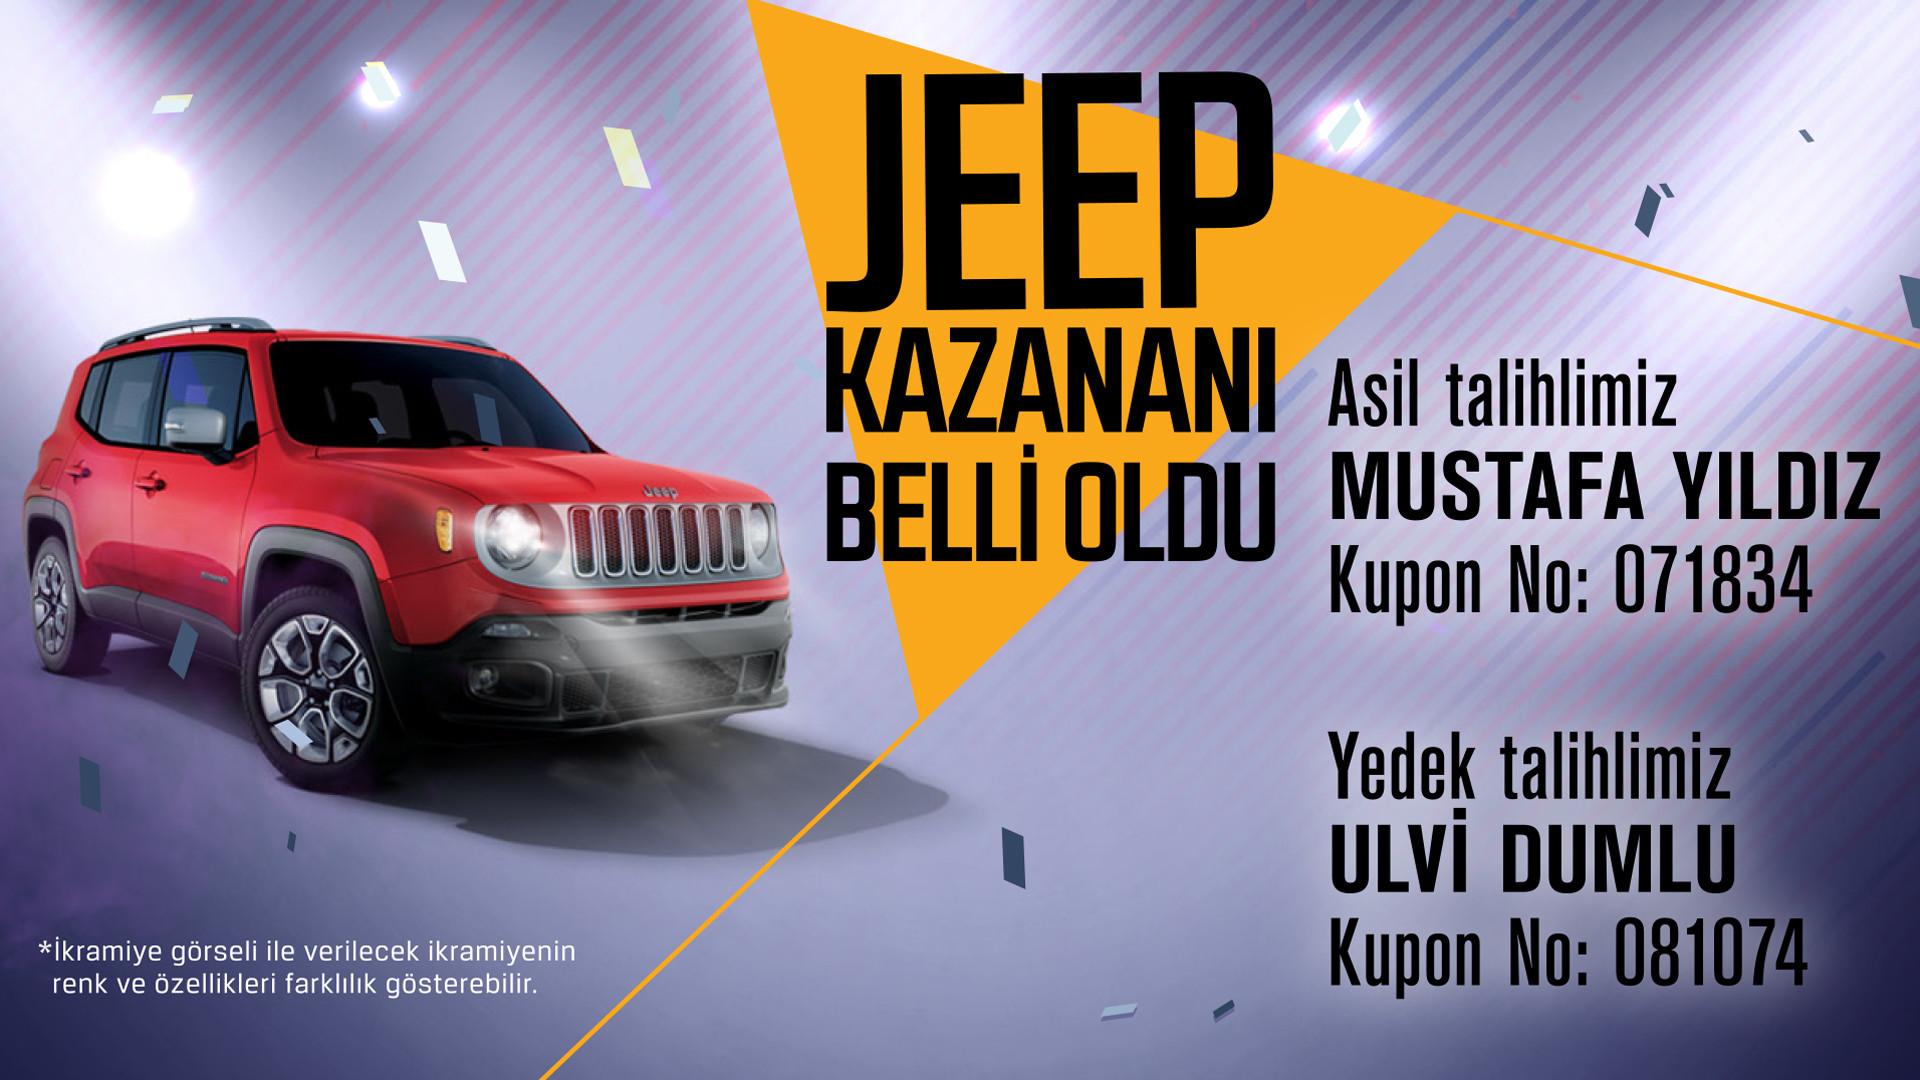 Jeep Kazananı Belli Oldu